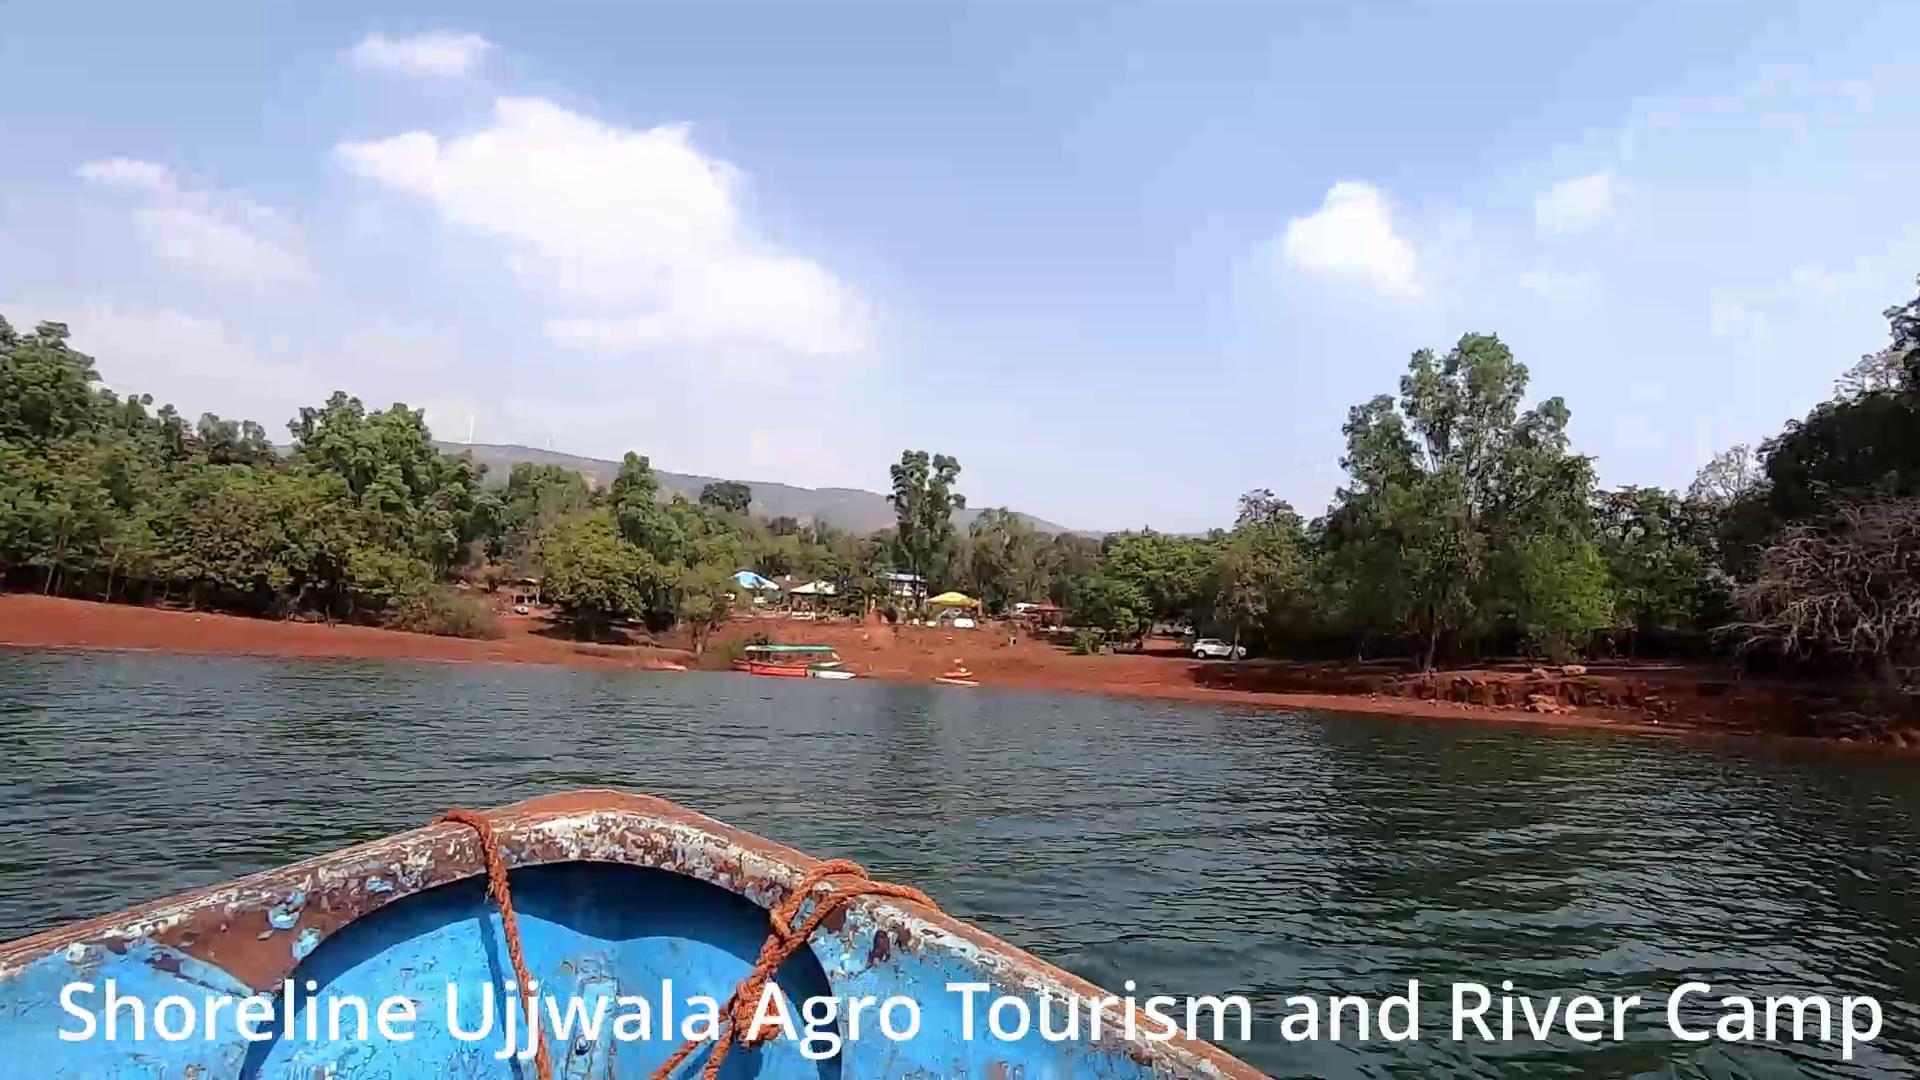 boating Shivsagar Lake - Shoreline Ujjwala Agro Tourism and River Camp